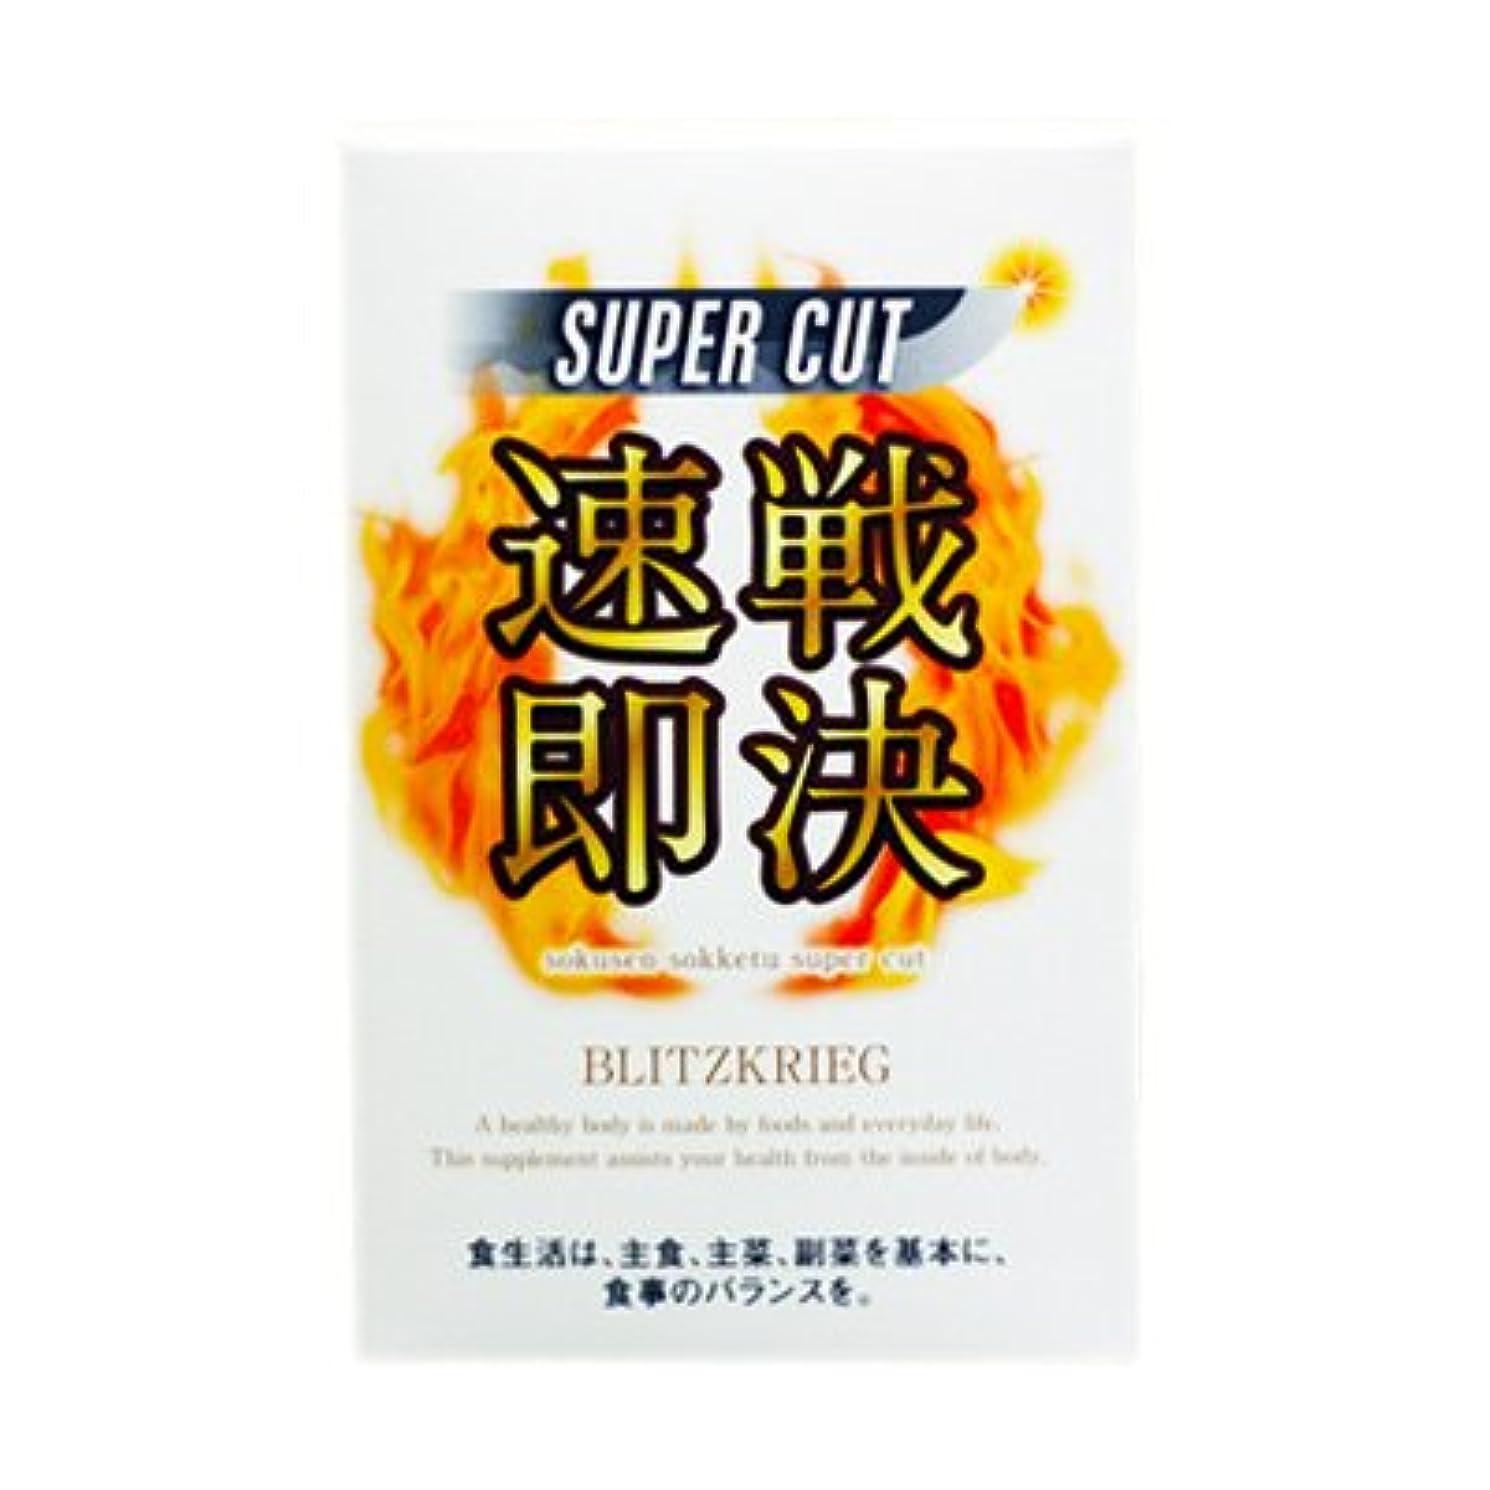 み粘り強いも速戦即決 スーパーカット そくせんそっけつ SUPER CUT